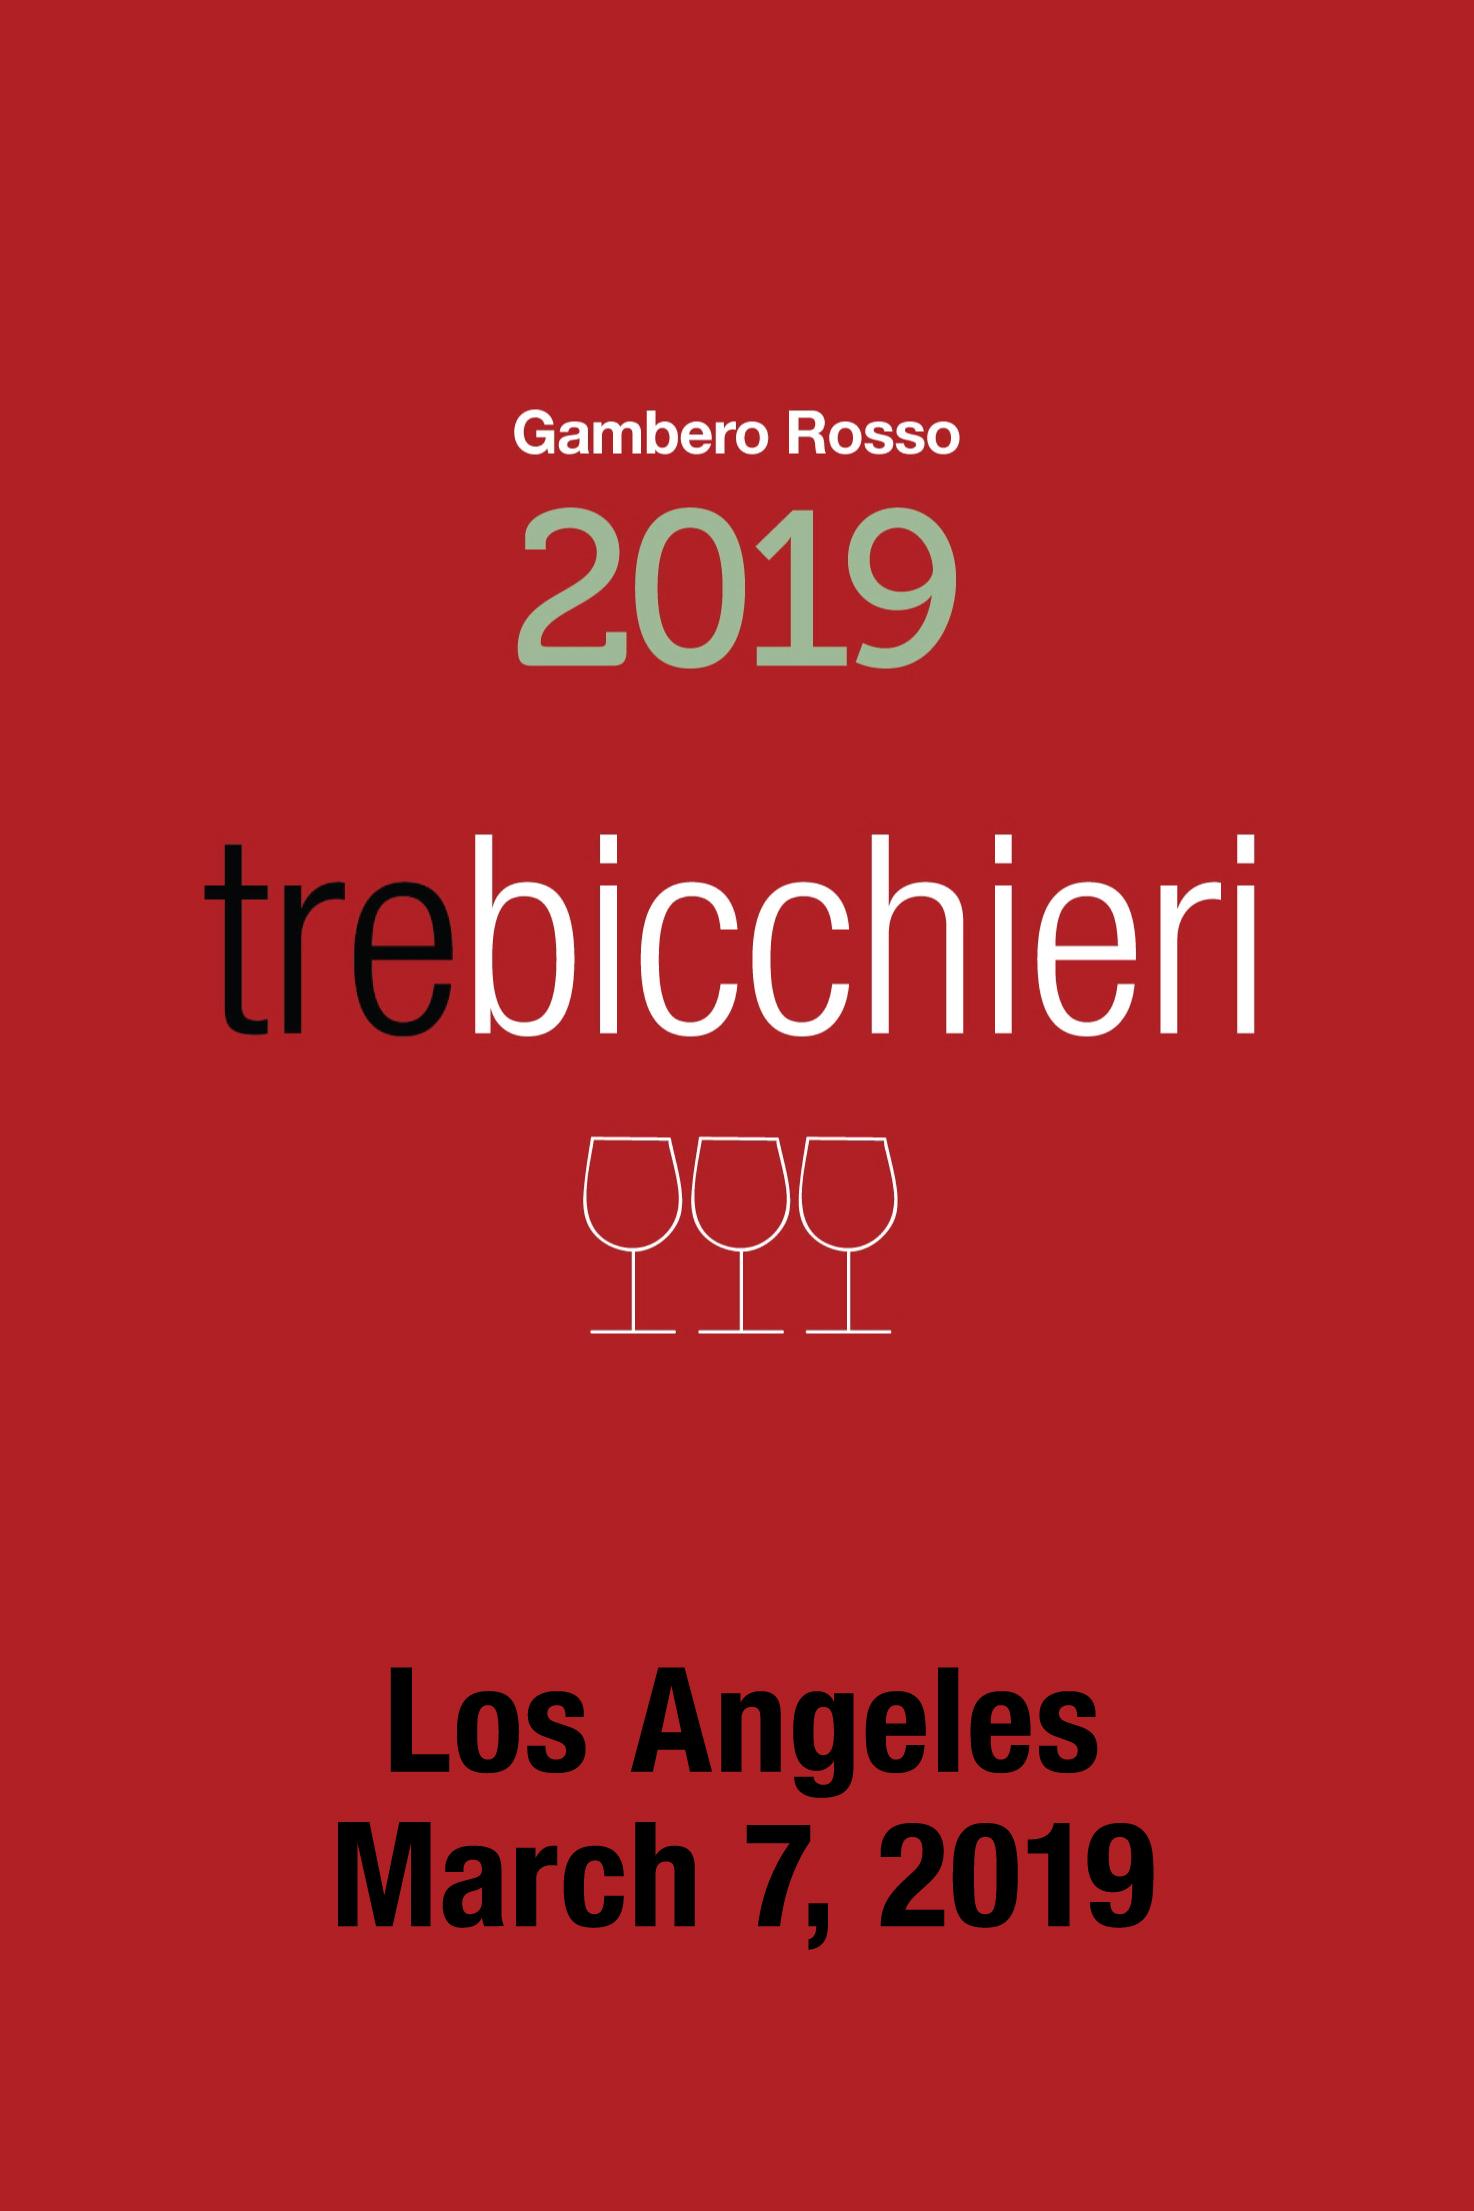 Los Angeles Gambero Rosso, Tre Bicchieri 2019